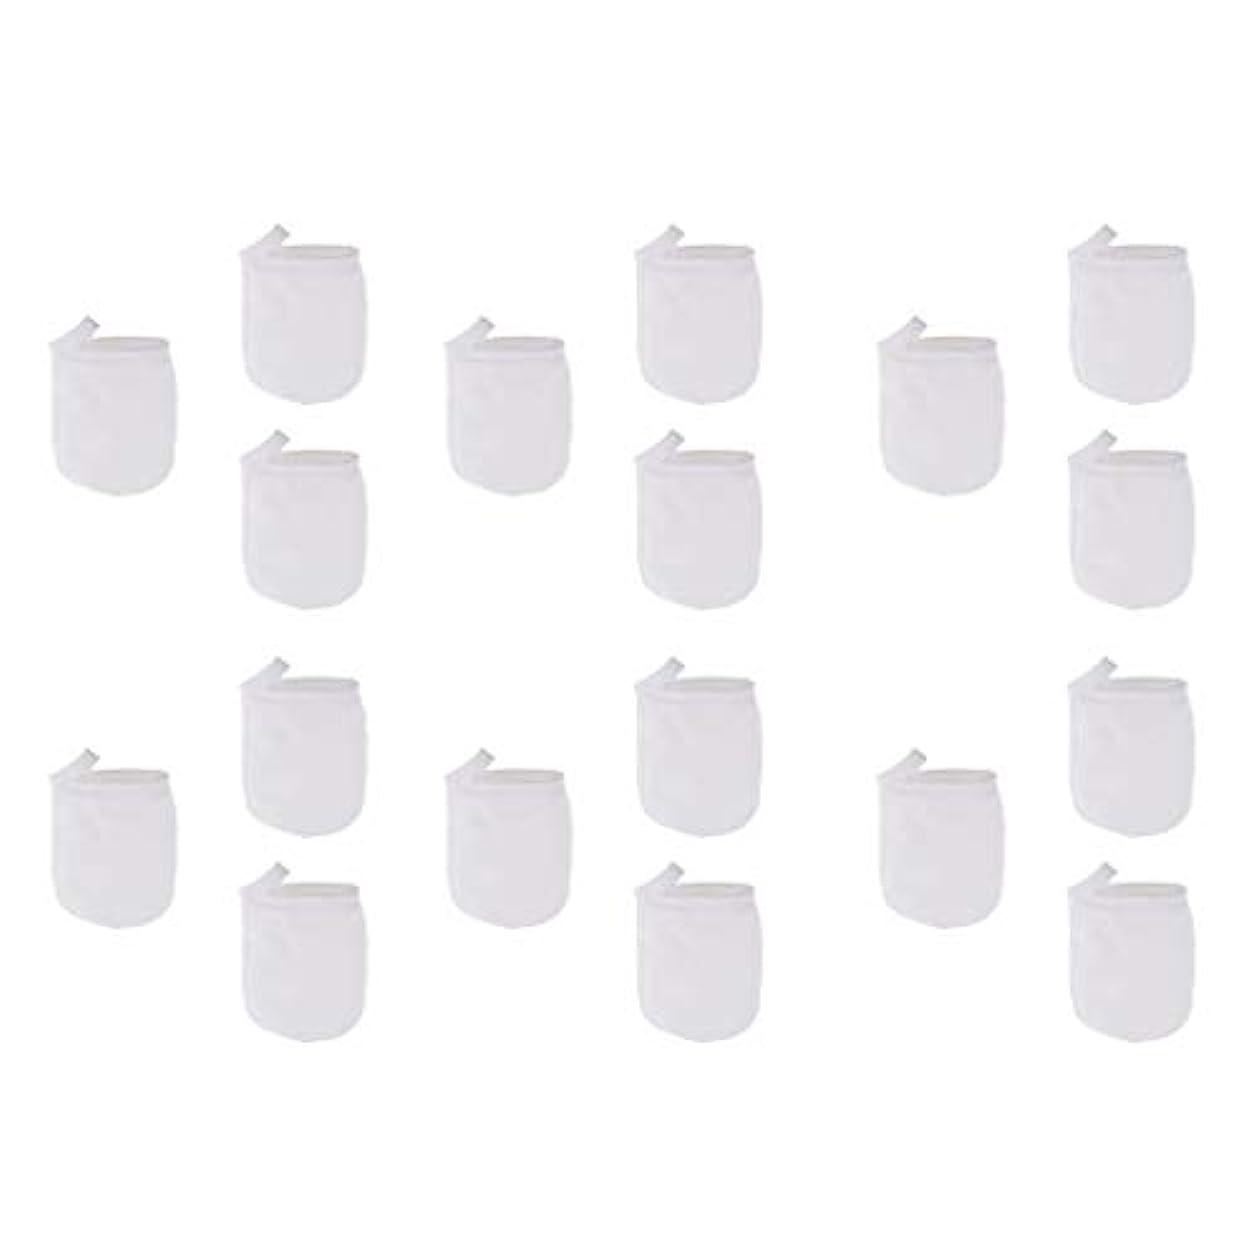 マカダム有効なアクロバット洗顔手袋 洗顔グローブ クレンジンググローブ メイク落とし手袋 マイクロファイバー 約18個パック